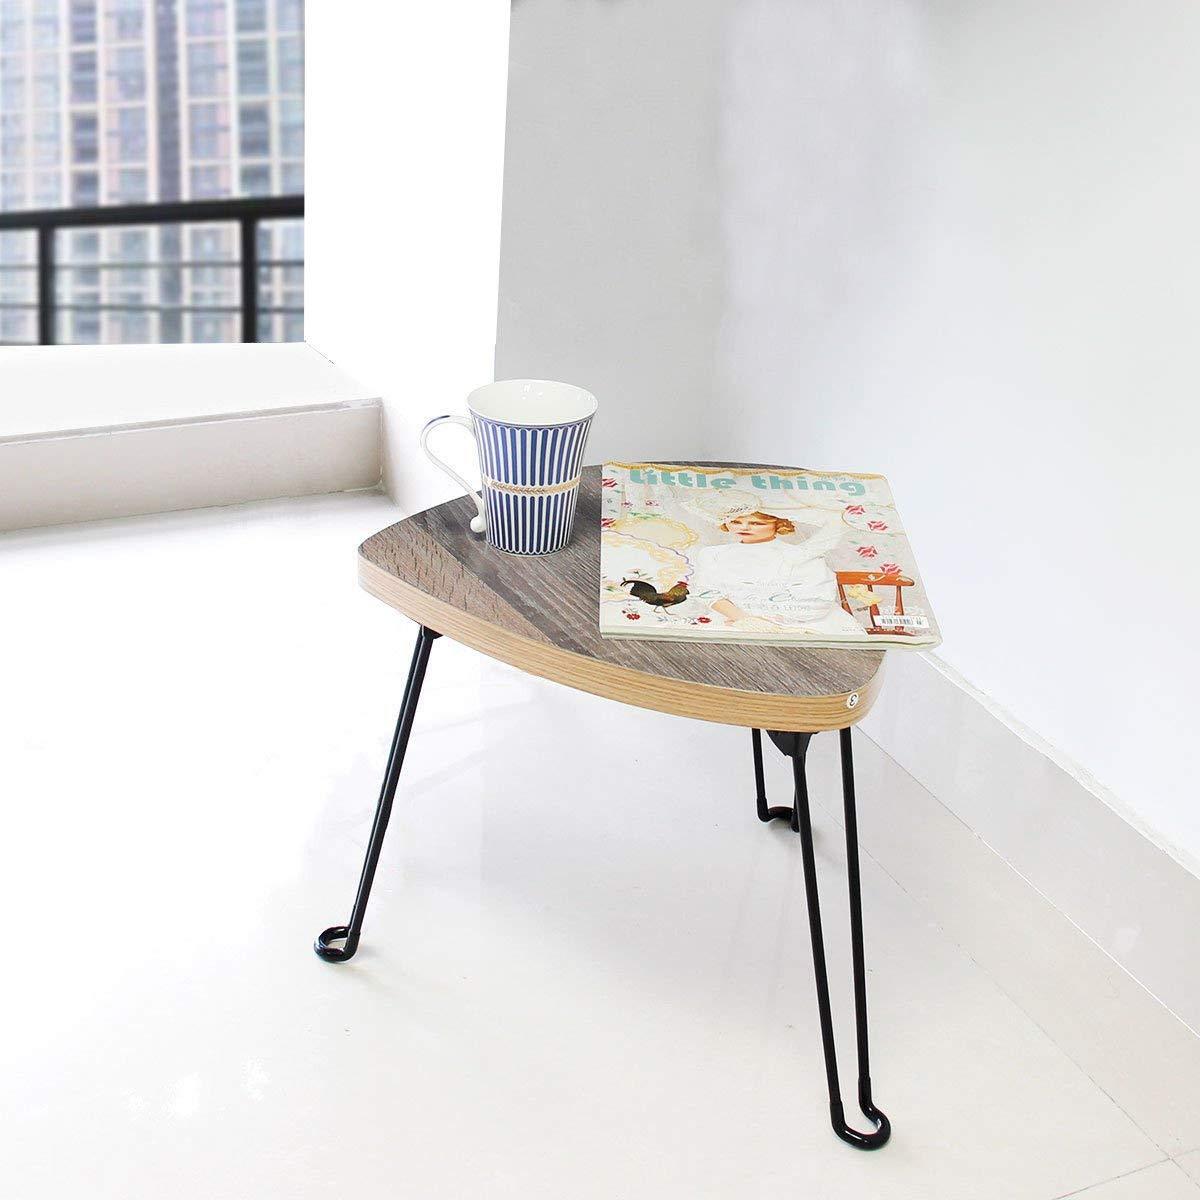 la pala set di 4/gambe in metallo Tornante Heavy Duty mobili gambe per tavolo tavolino di mini scrivania gambe Tavolo pieghevole